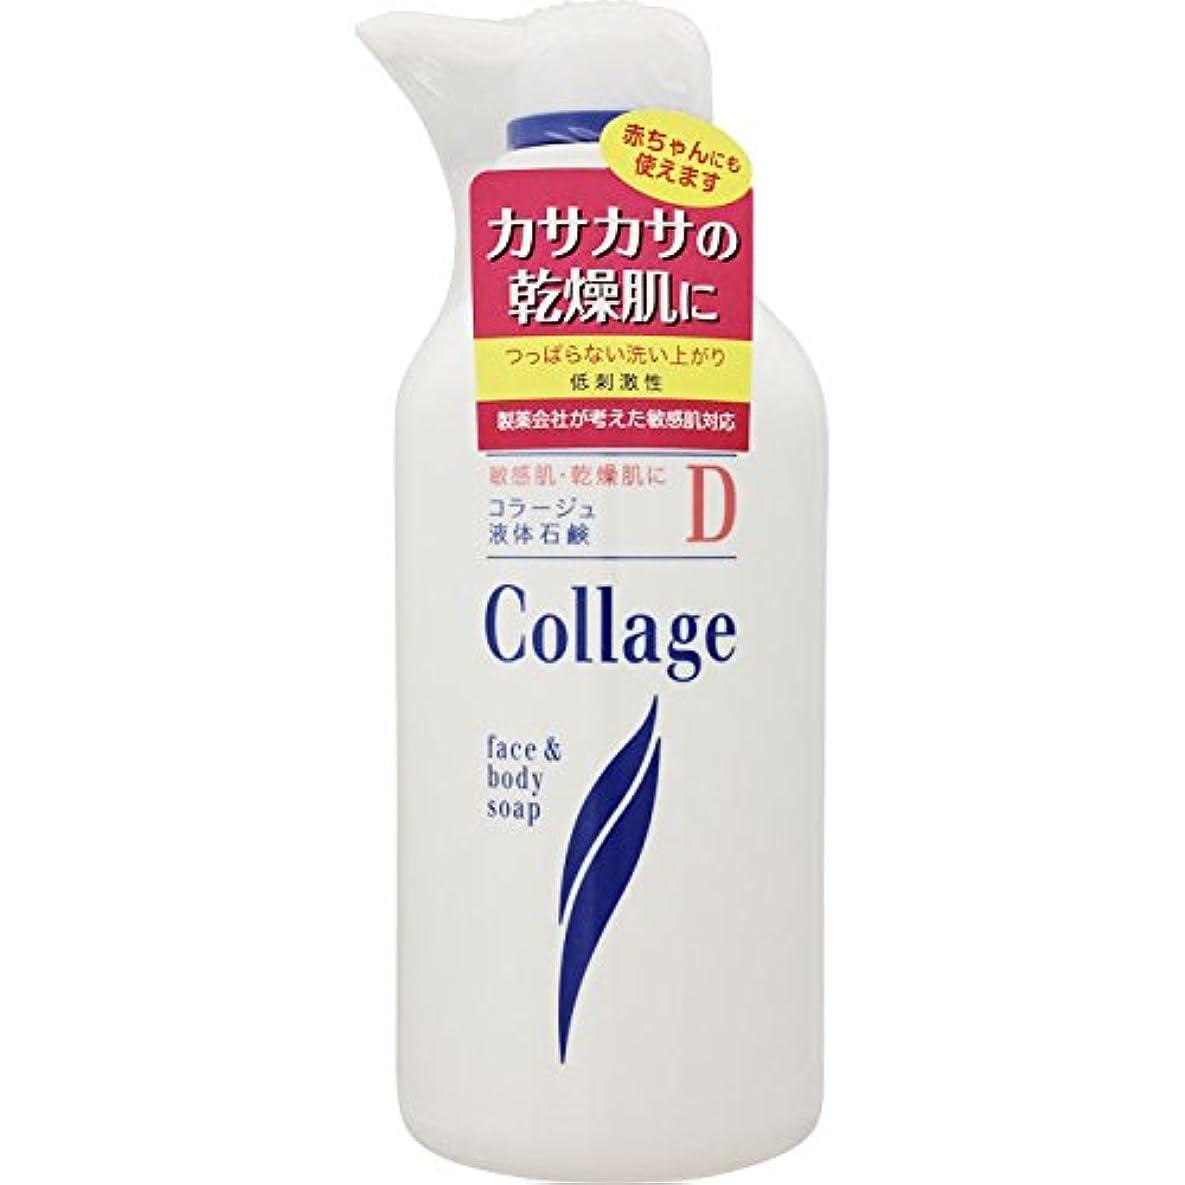 ちょっと待って機構モットー持田ヘルスケア コラージュD液体石鹸 400ml